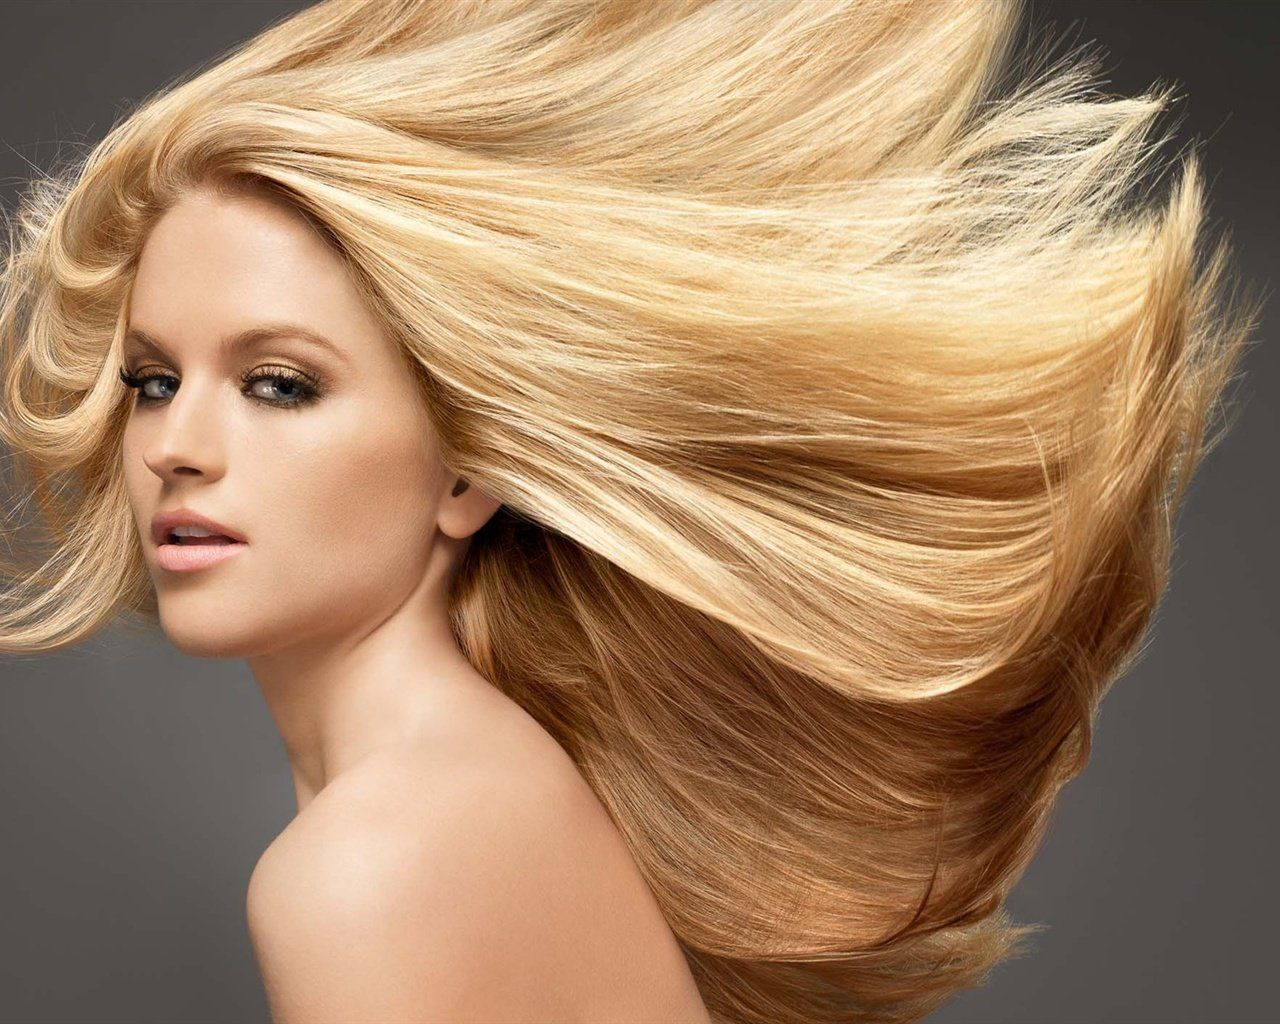 TИ-¦-7 Светлый цвет волос (50 фото) — Оттенки, краска, уход